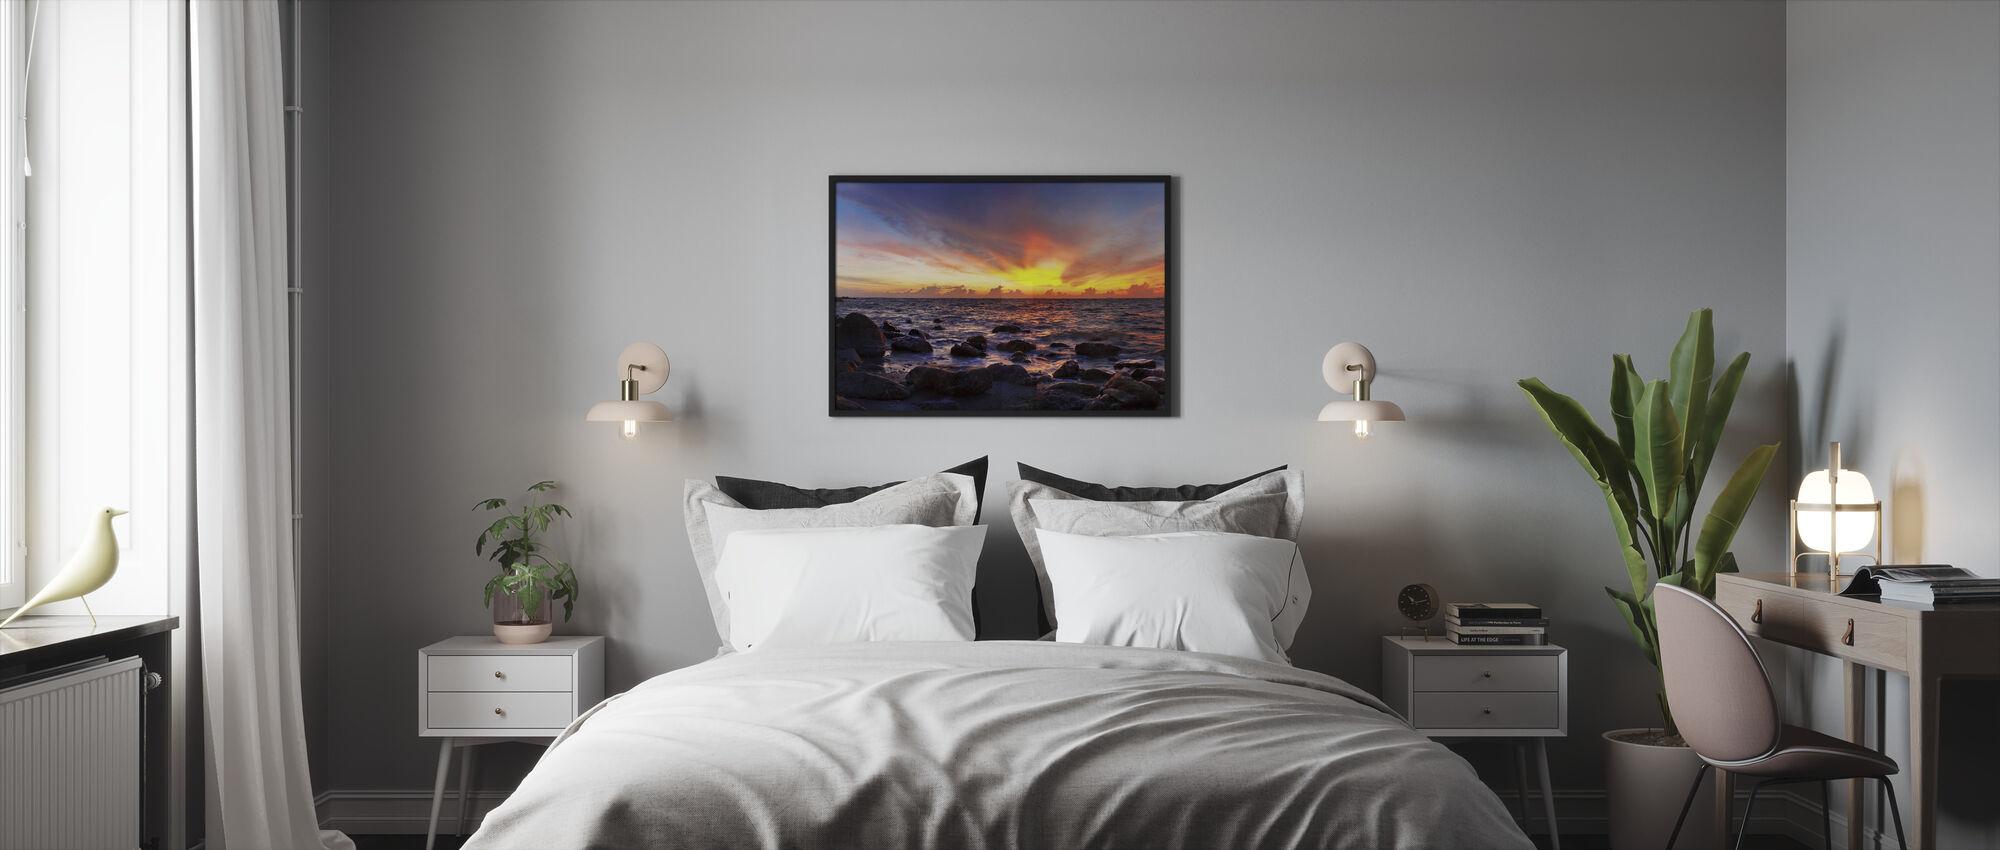 Wild Sunset - Framed print - Bedroom